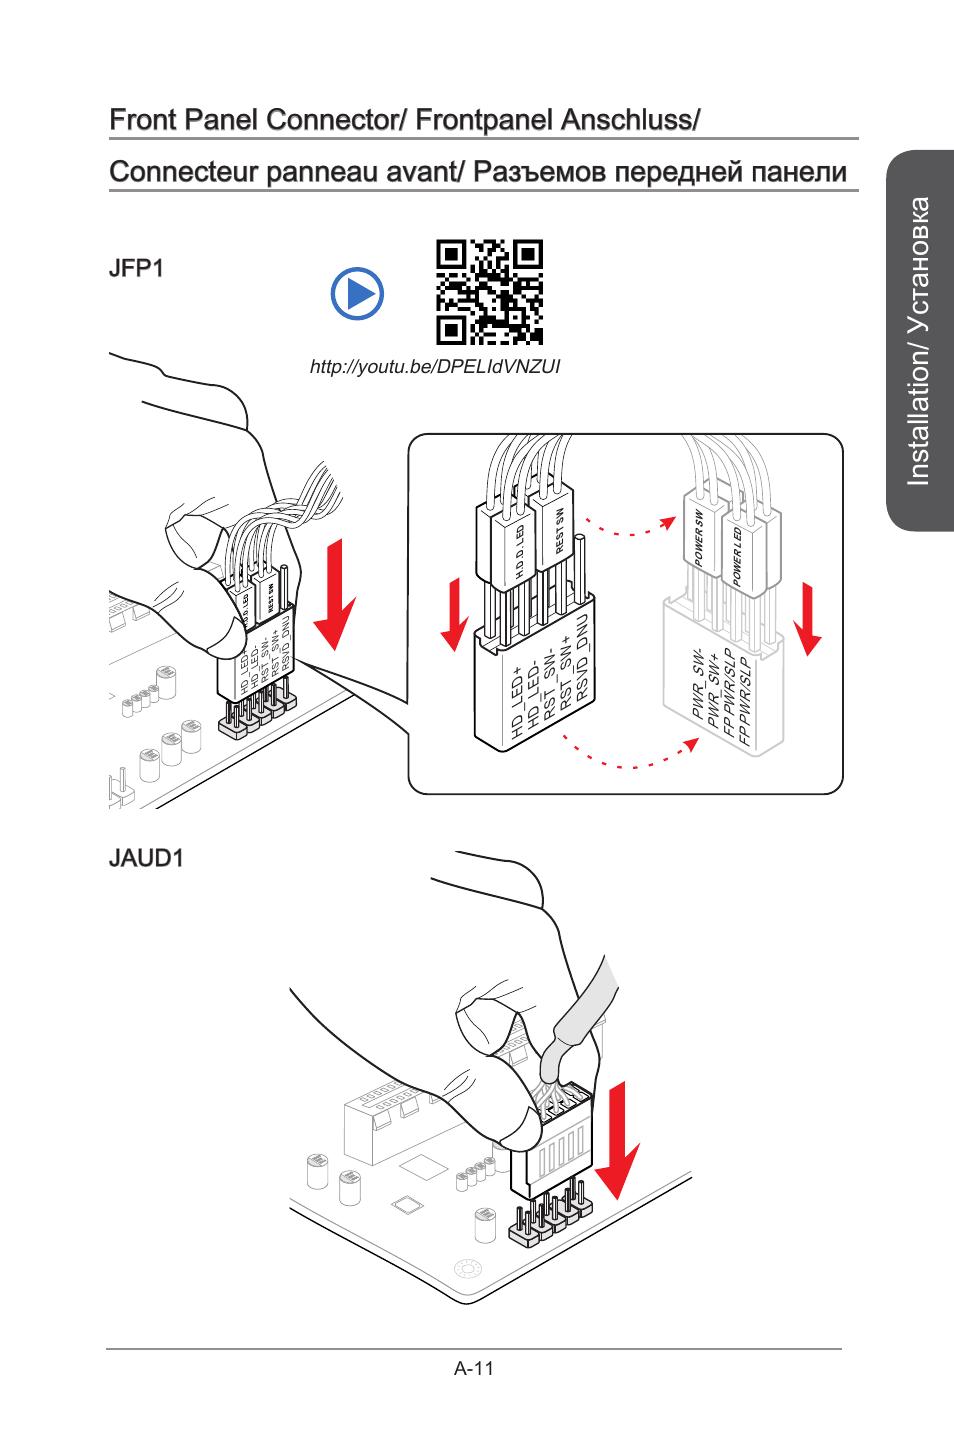 Front panel connector/ frontpanel anschluss, Connecteur